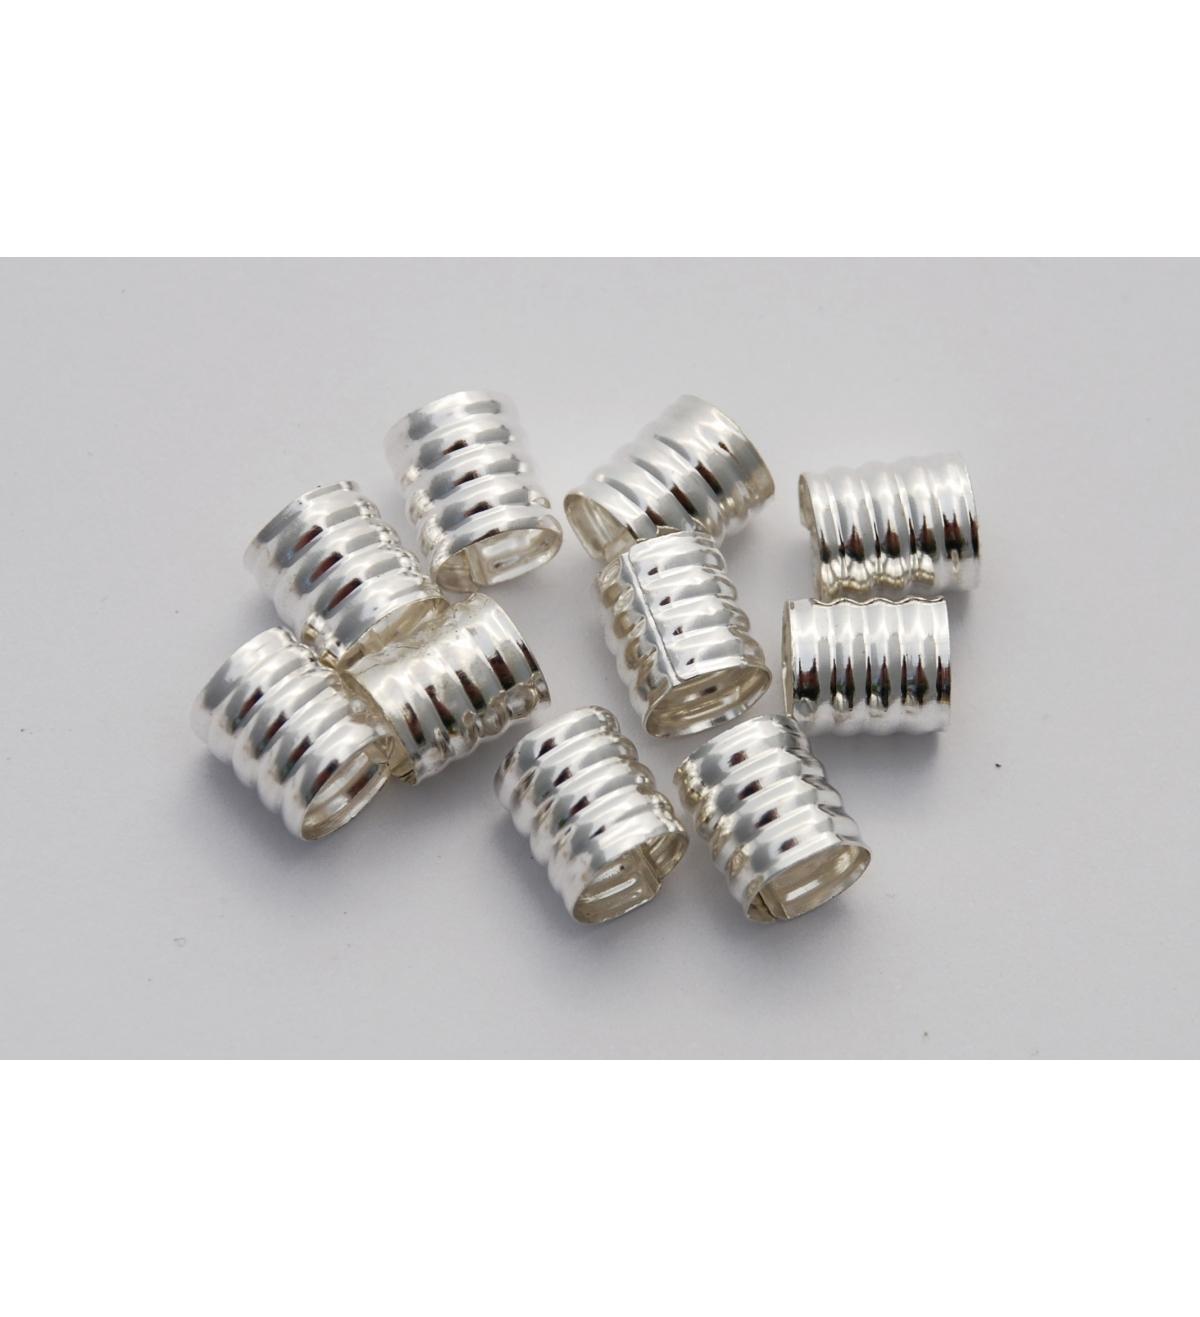 Obrączki Srebrne - Metalowe Koraliki Do Włosów 10 sztuk